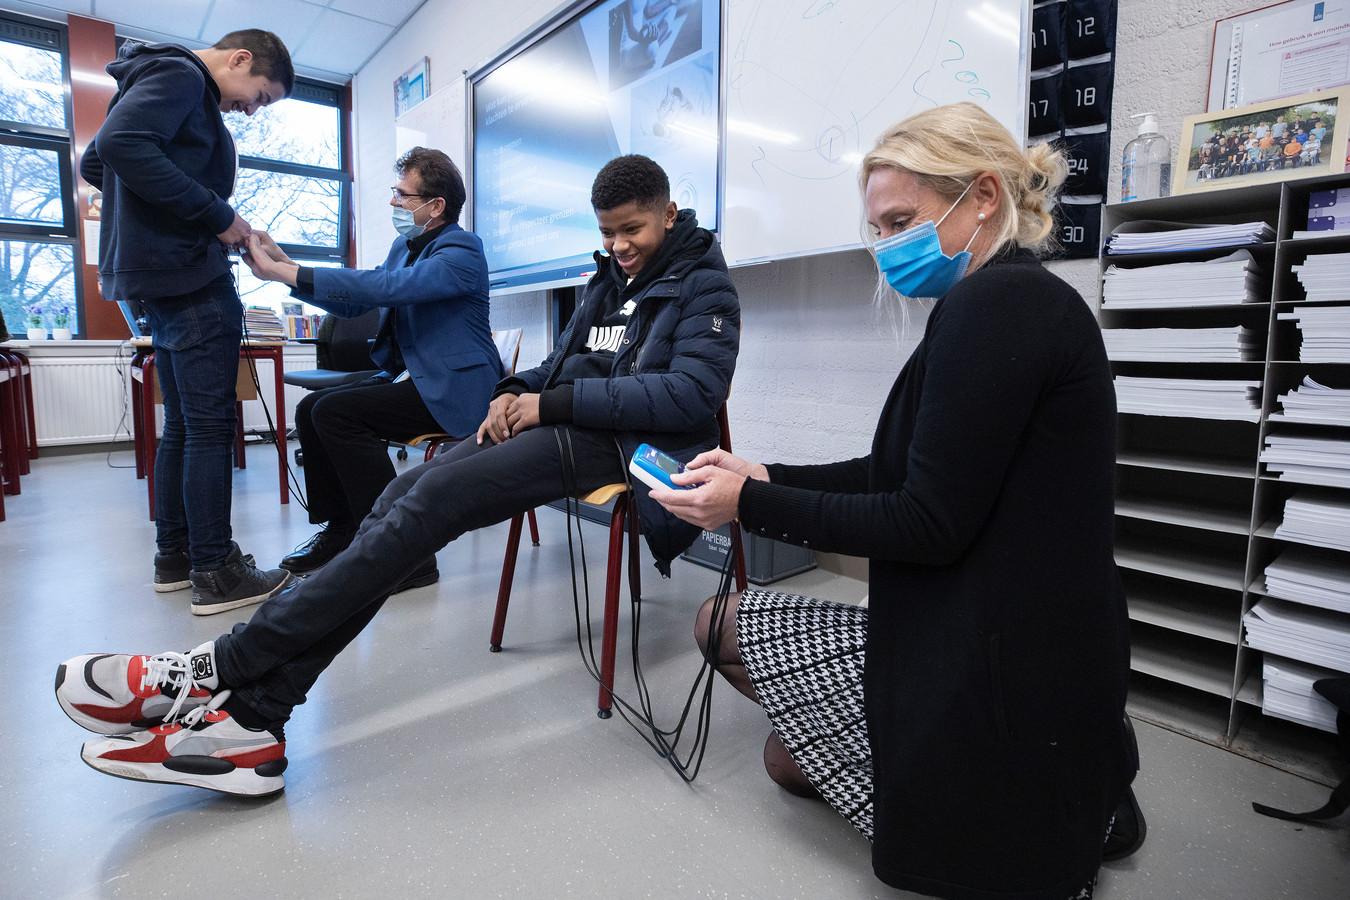 Tijdens een gastles over de menstruatie konden jongens uit mavo 3 van het Eckartcollege ervaren hoe het voelt om ongesteld te zijn. (Leerling Lucas,  gastdocent Peter Vroed, leerling Younes en gastdocent Femke Bootsma vlnr.)